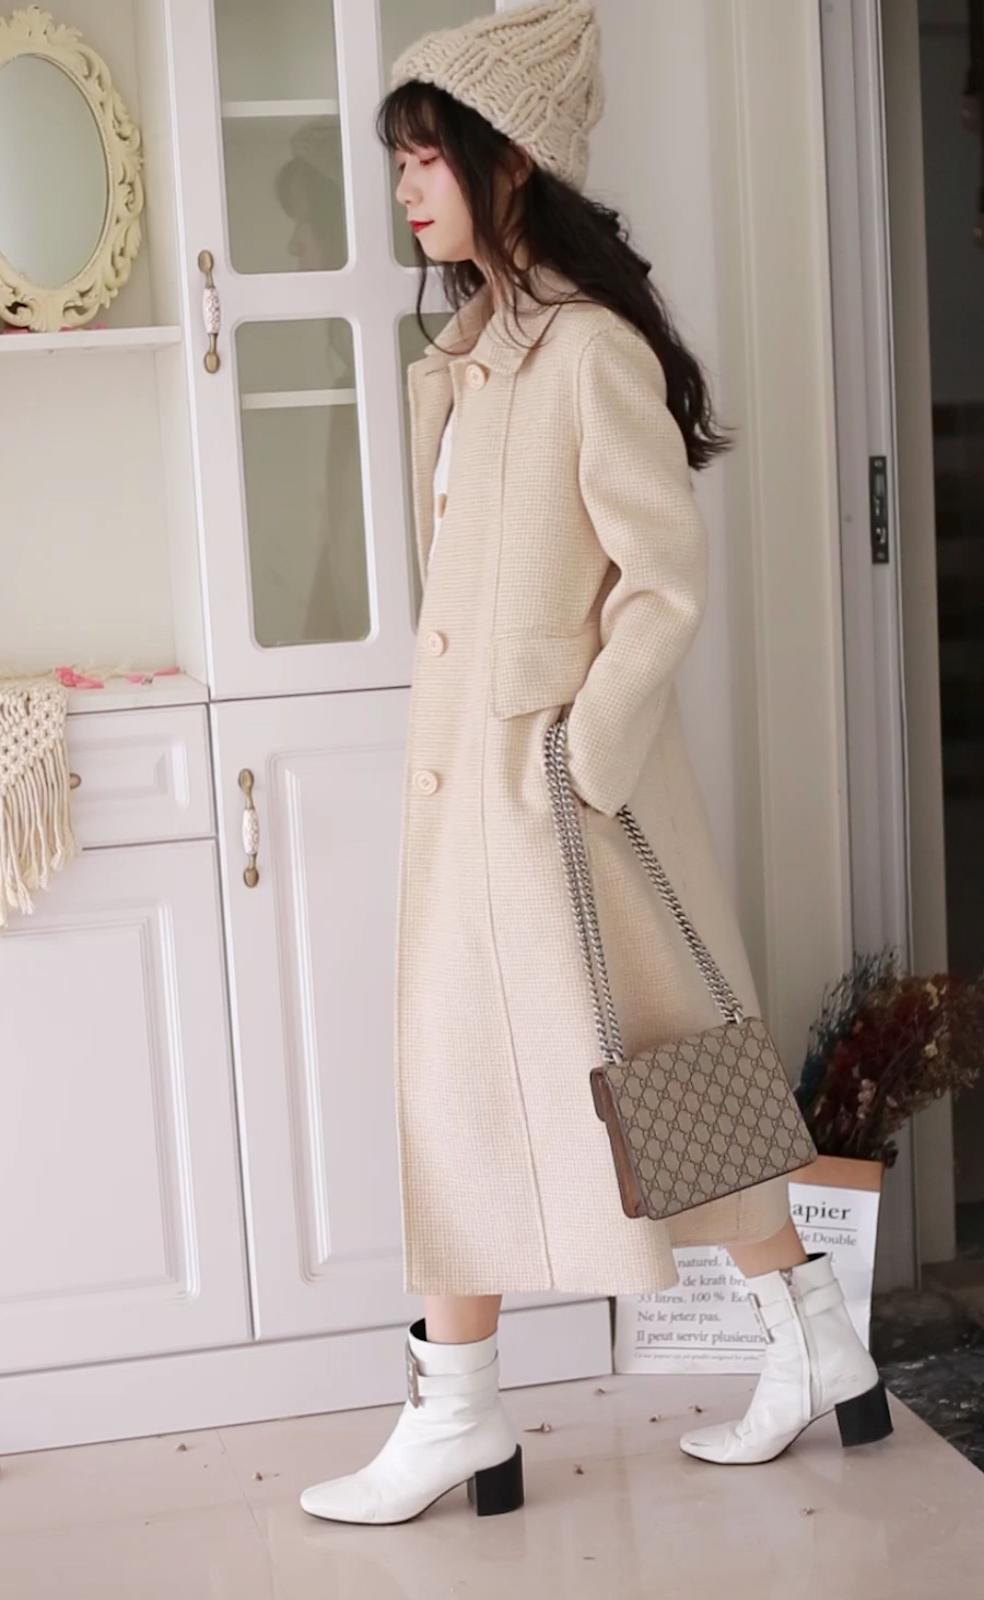 #今秋白富美风,选这件!#  这件外套低低调调但是不影响它的设计是一款小西装的感觉  比较中规中矩的衣服我在里面搭配了一个白色的裙子  符合整体的色调 它其实有显高的作用  整体还是比较拉风的 至少走起路来 还是可以驾驭的